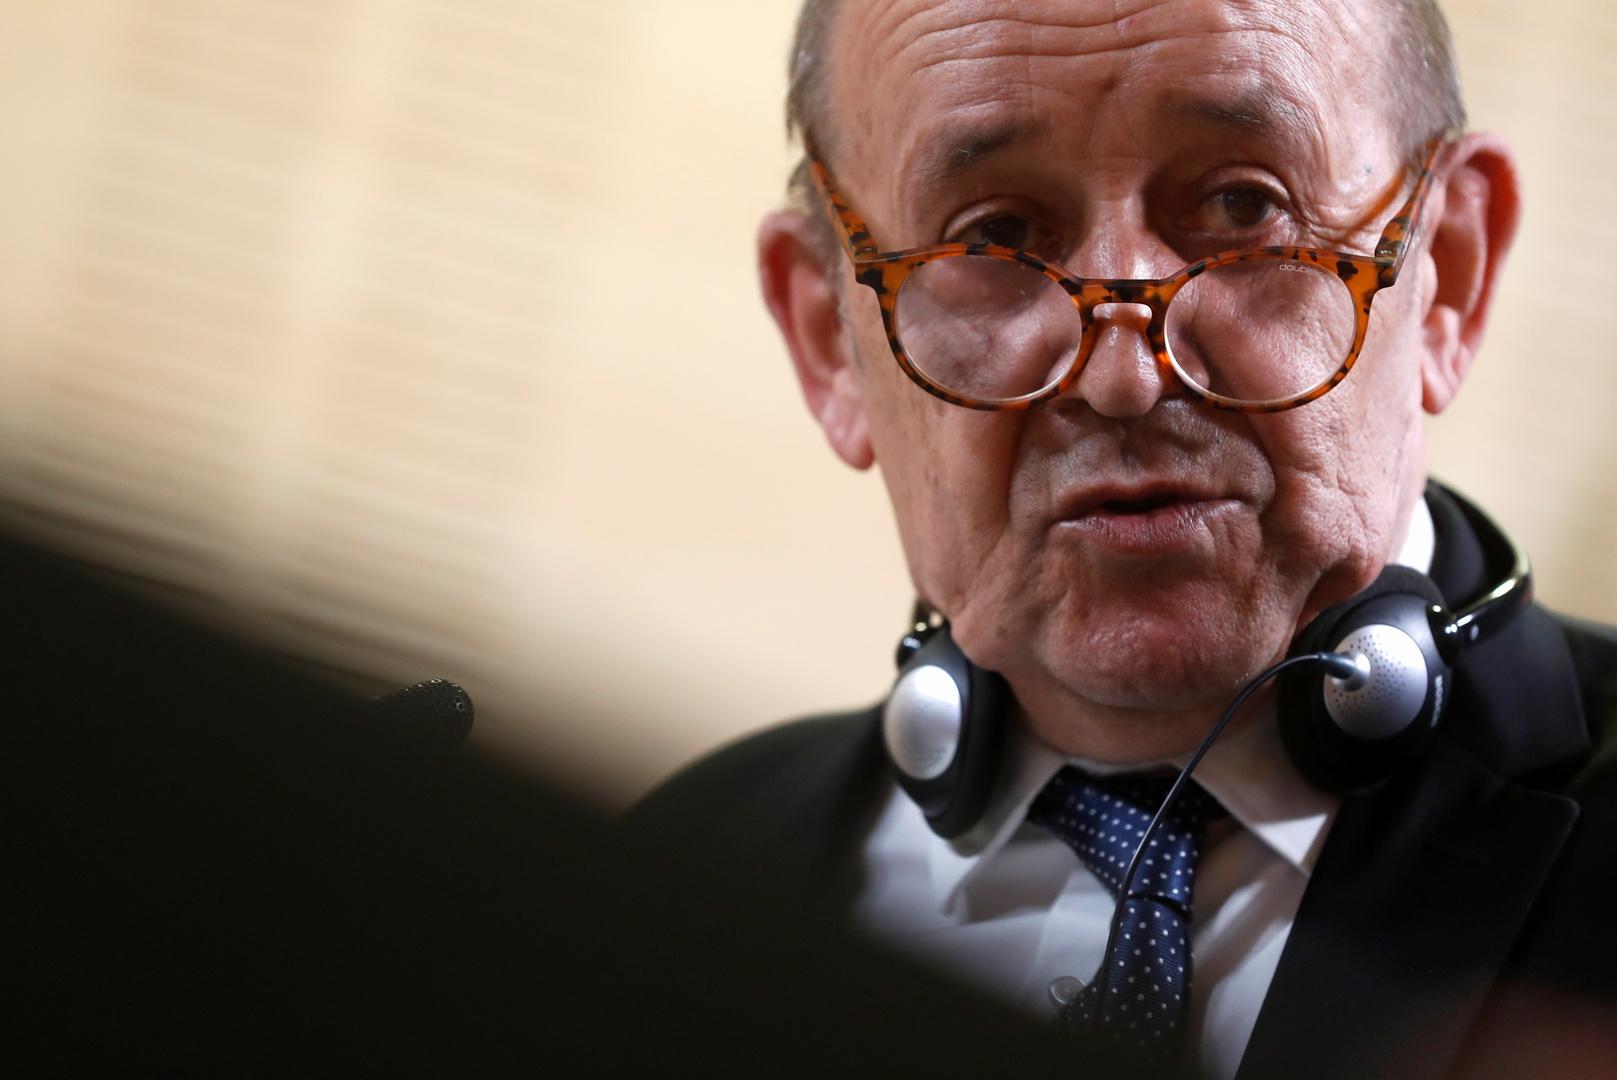 فرنسا:  الصين شريك وخصم للغرب في الوقت نفسه